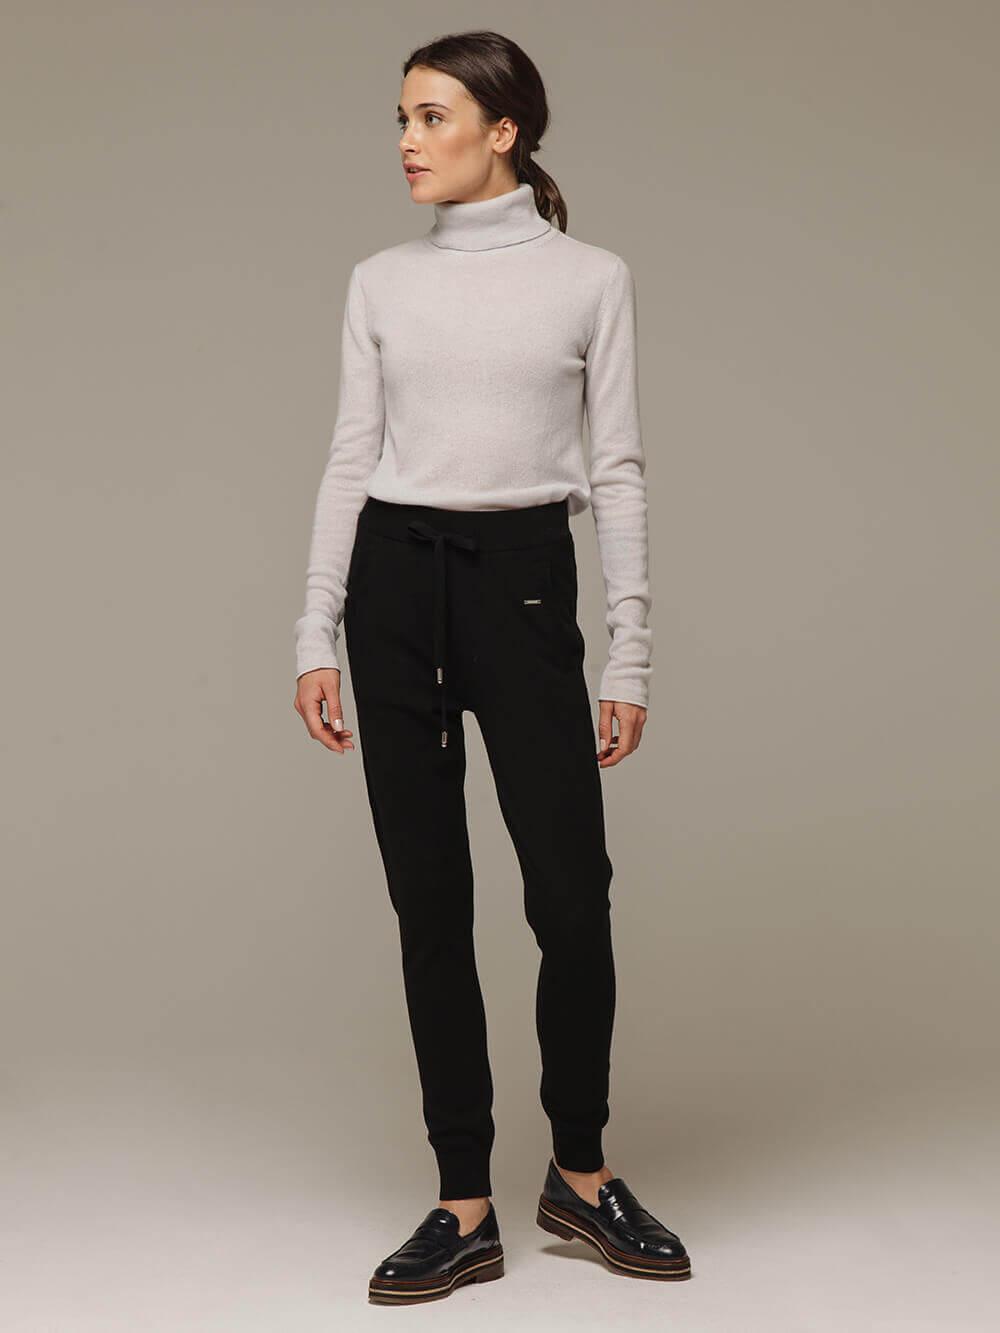 Женские черные брюки с карманами из шерсти и кашемира - фото 1